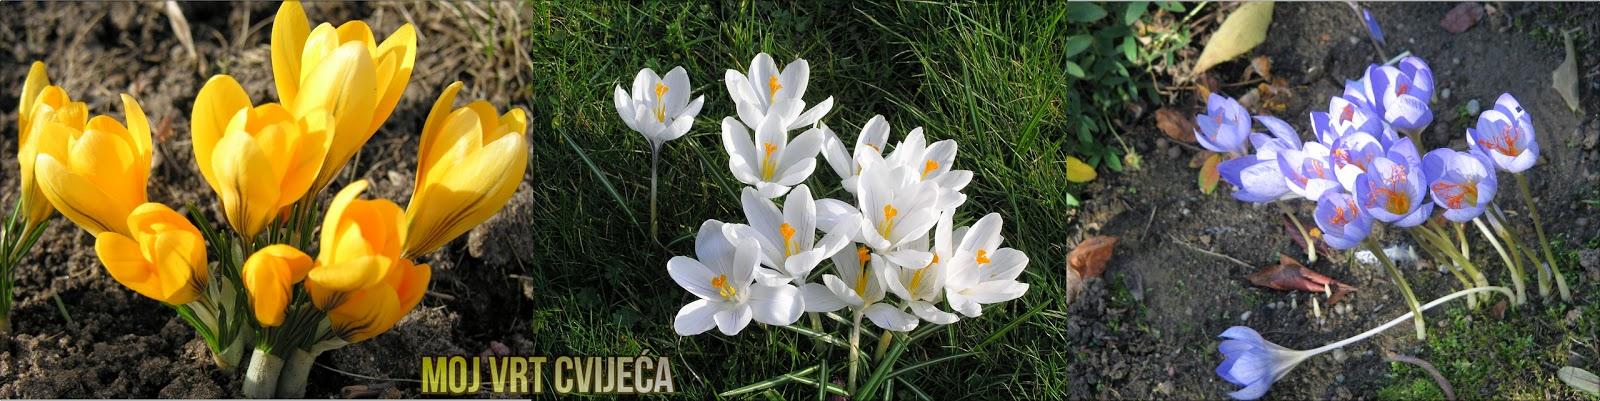 Krokus (Crocus) prvi vijesnik proljeća - Moj Vrt Cvijeća